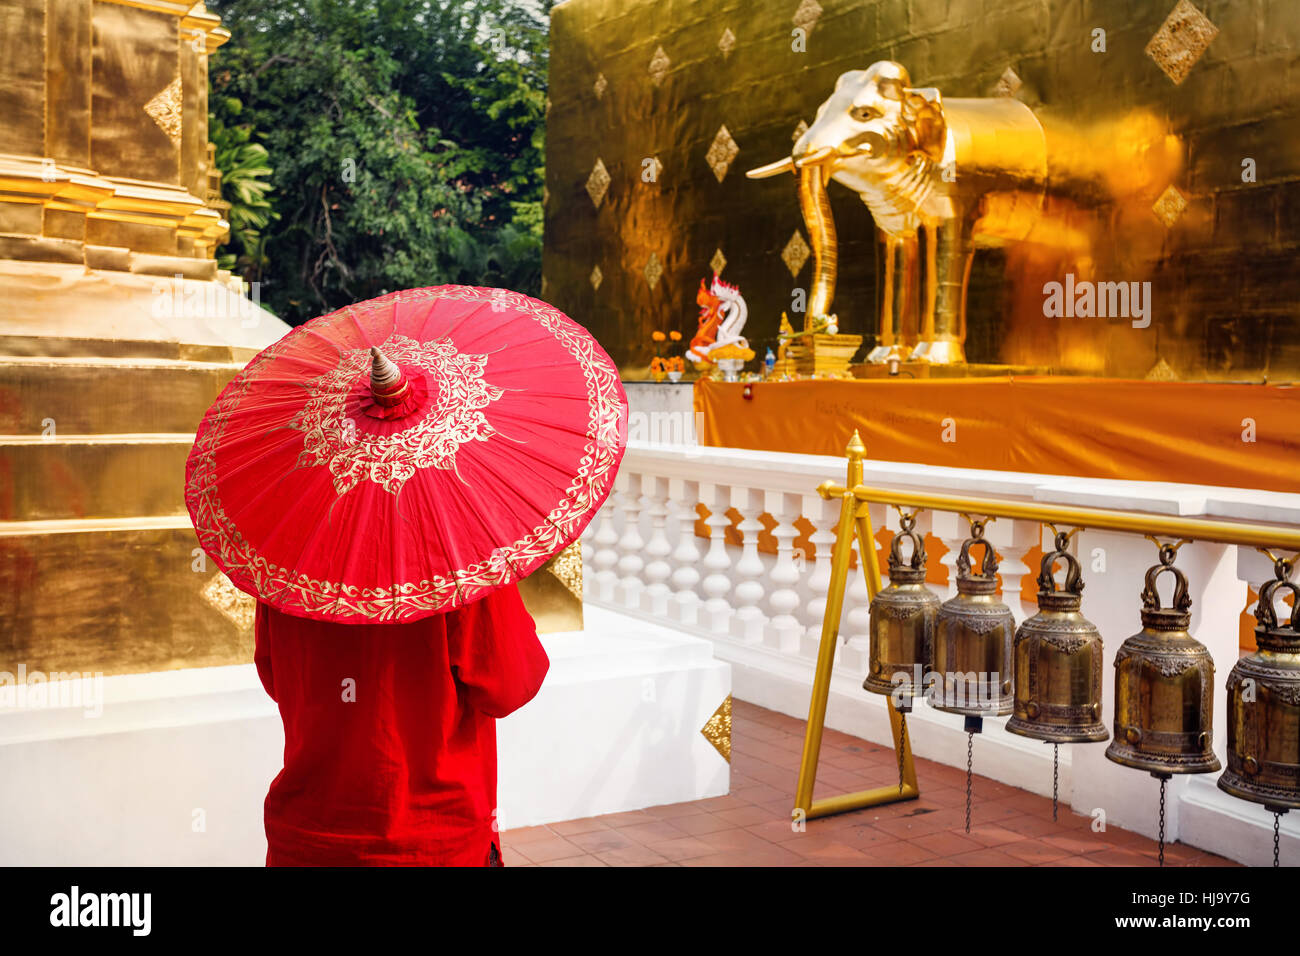 Tourisme Femme avec parapluie traditionnel Thaï rouge dans la région de Golden temple Wat Phra Singh de Photo Stock